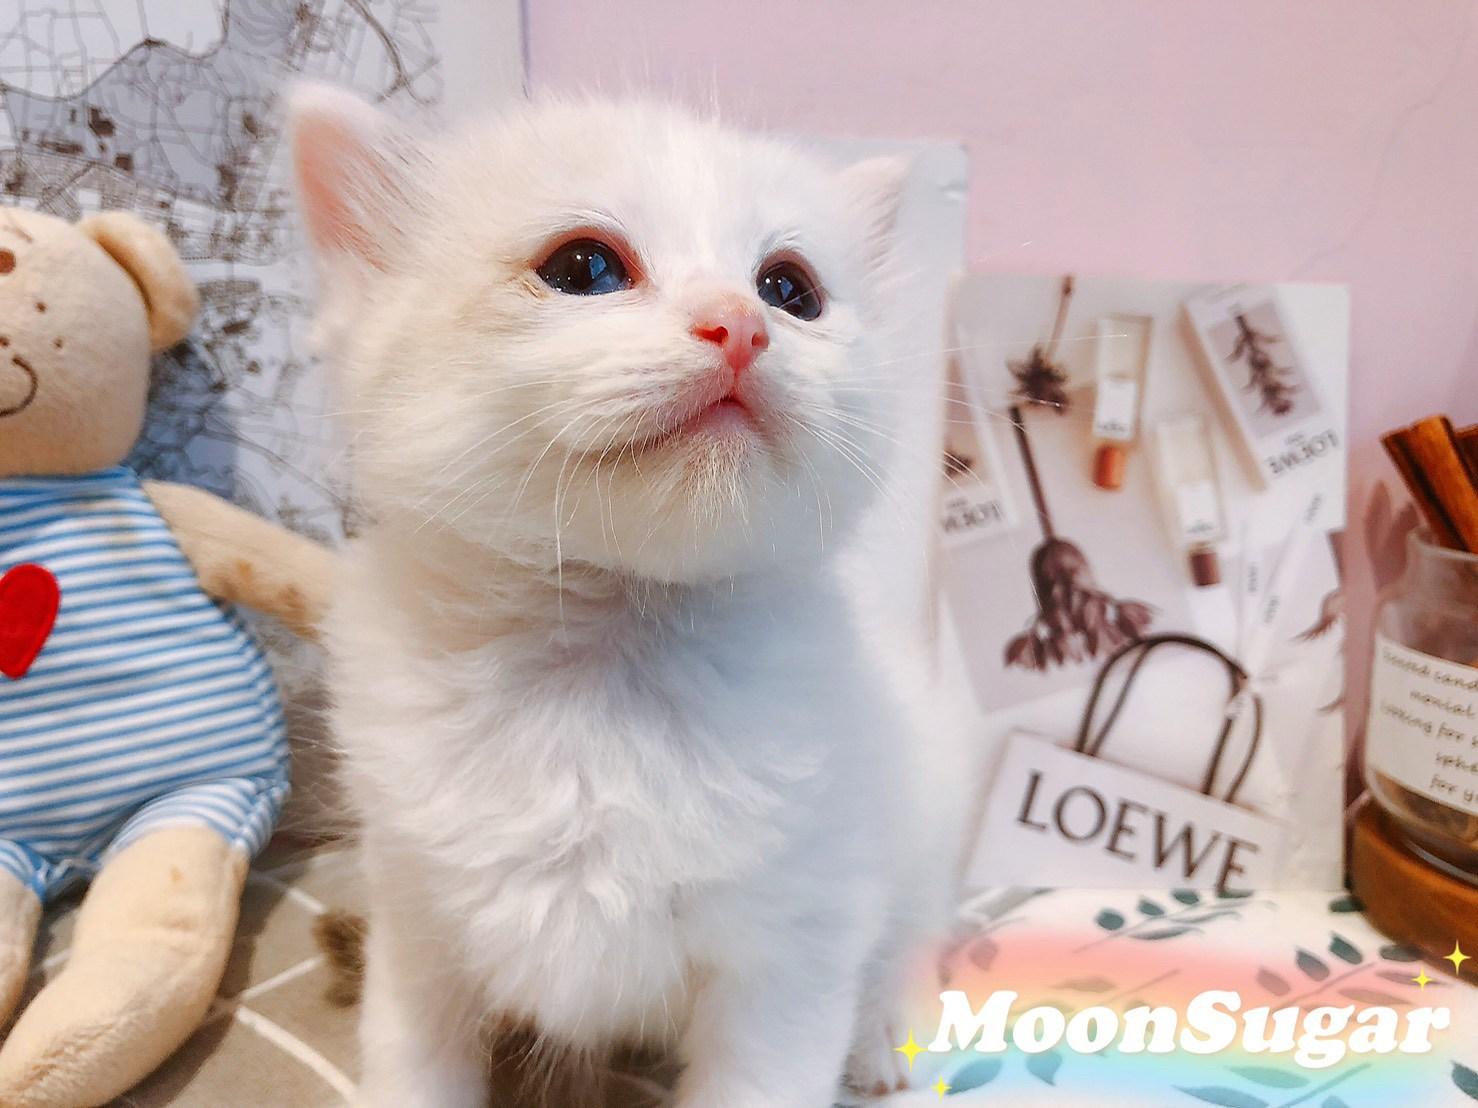 月亮糖糖喵樂園/梵色布偶貓弟弟